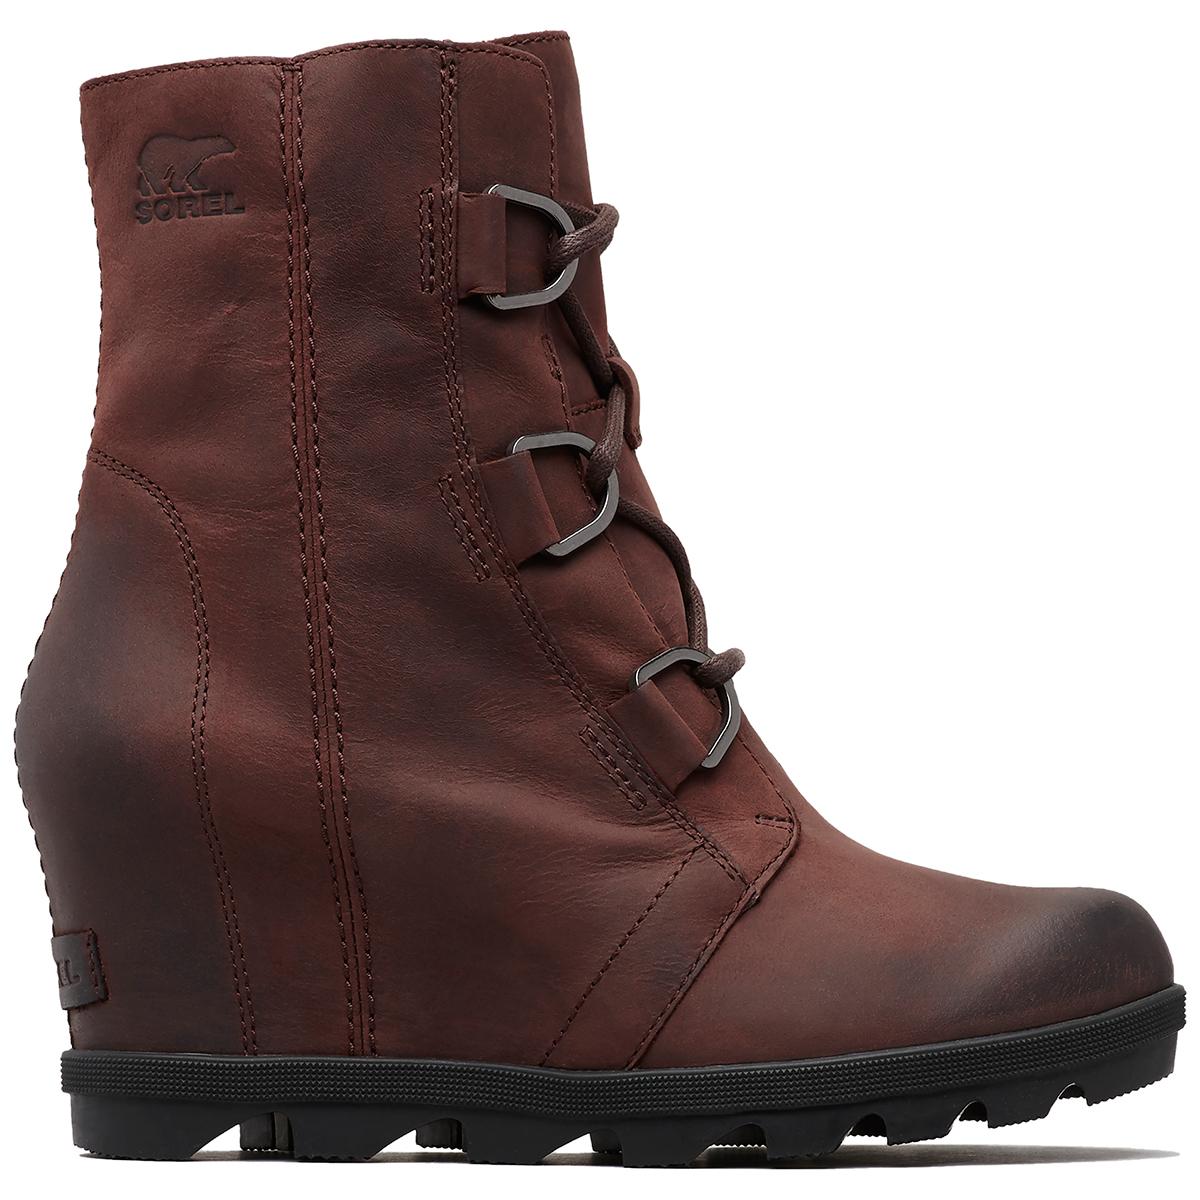 Sorel Women's Joan Of Arctic Wedge Ii Waterproof Boots - Red, 9